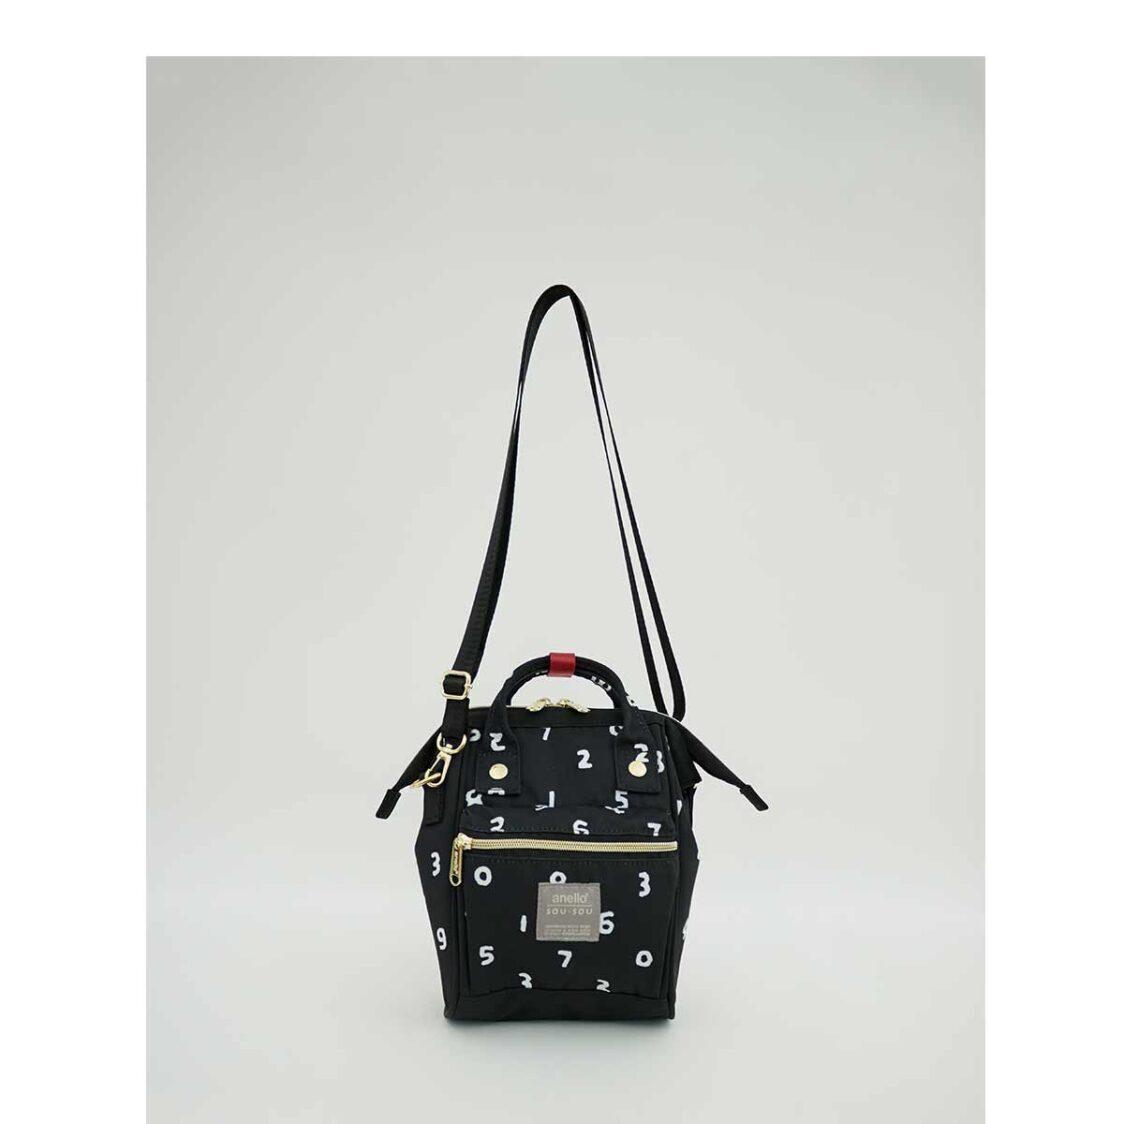 Anello X Sousou 2Way Micro Shoulder Bag Black